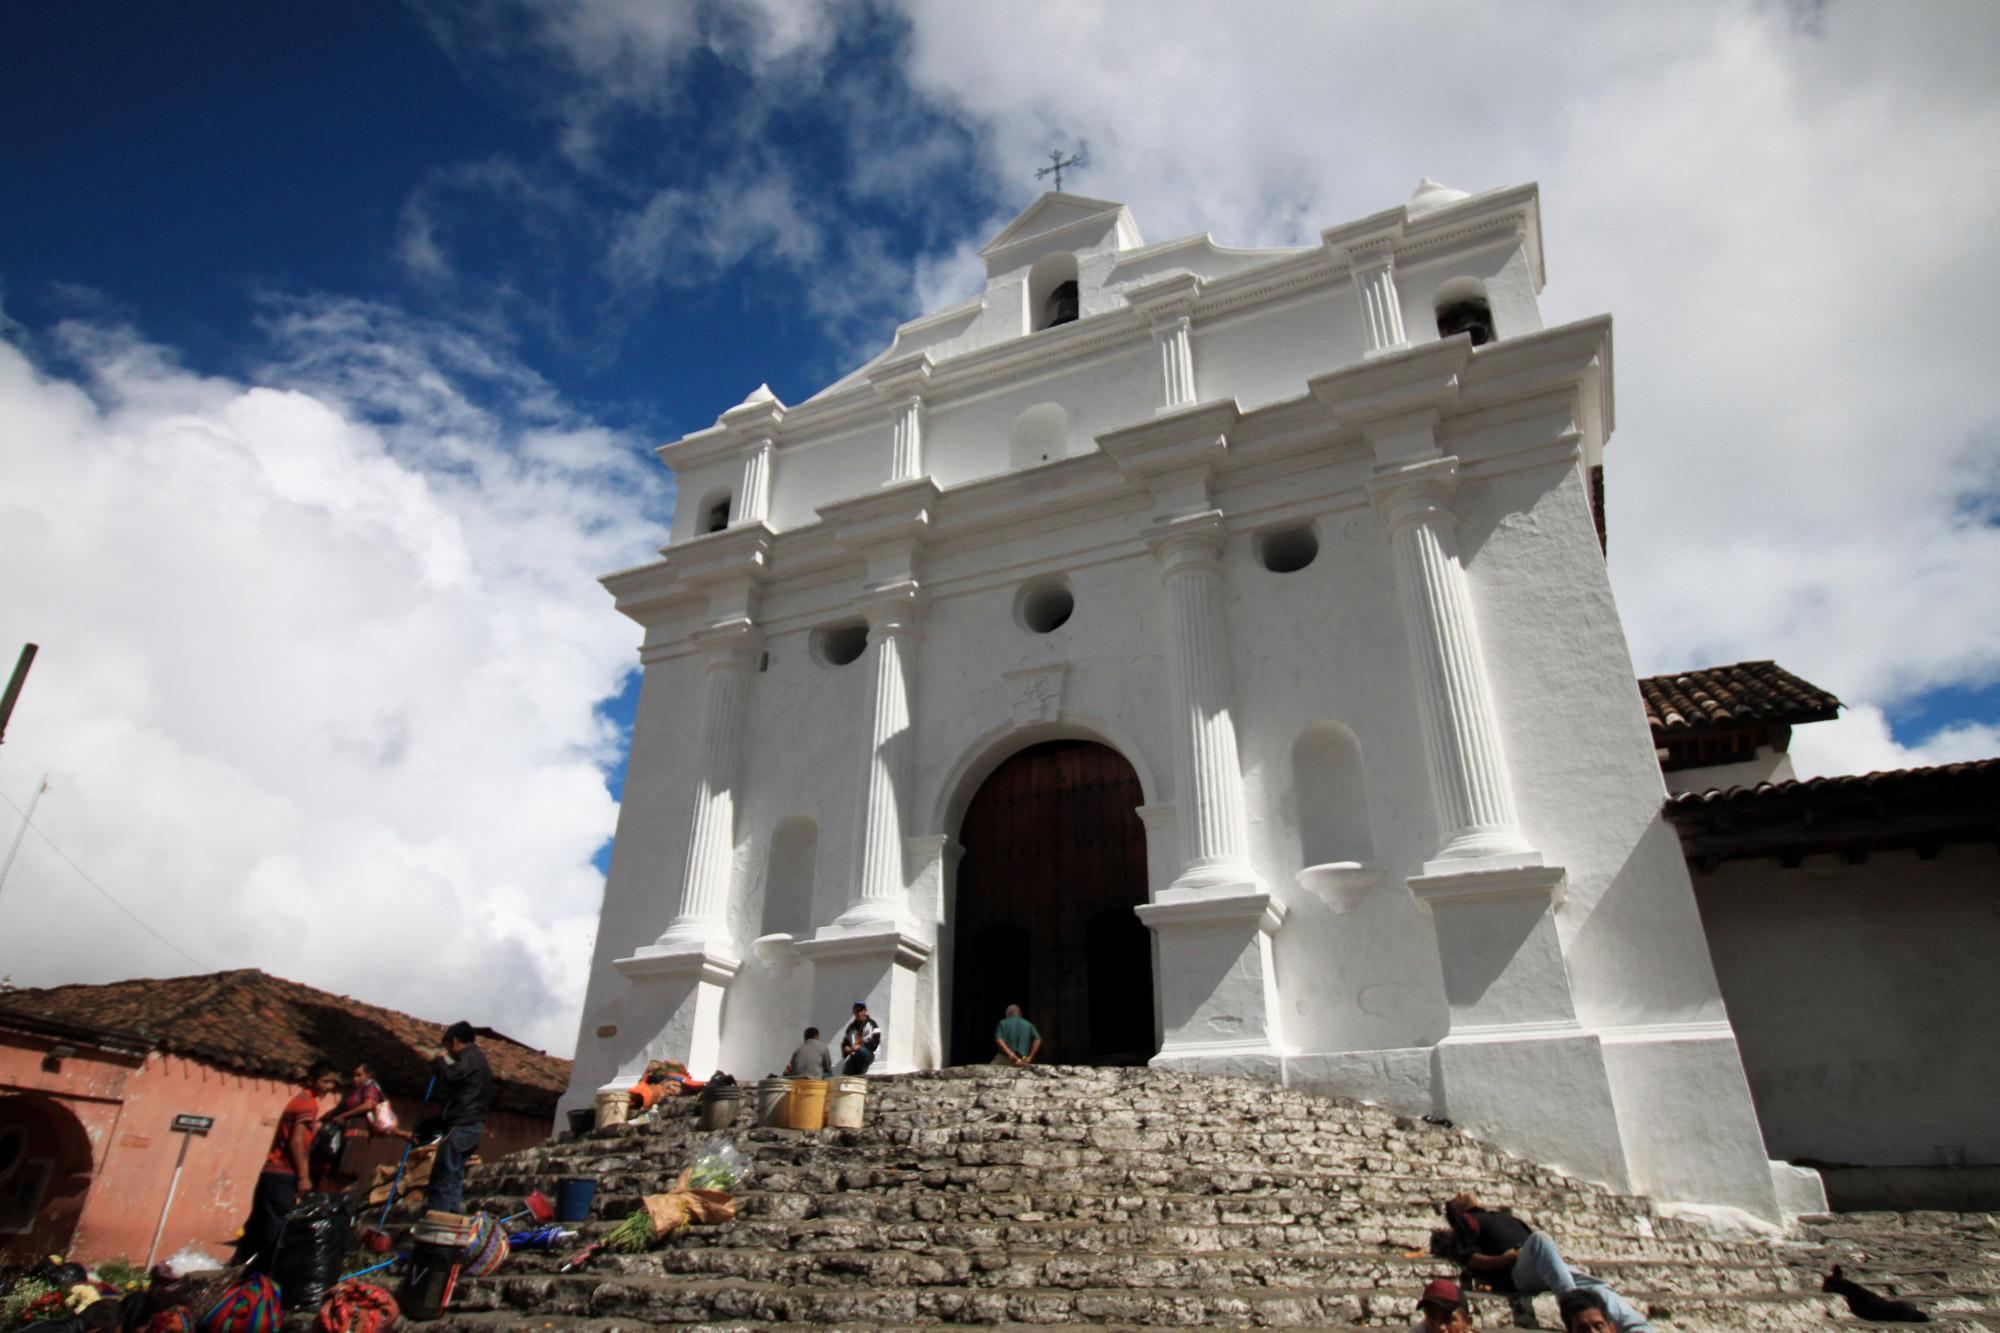 Guatemala 2015 - dag 16 - Iglesia de Santo Tomás in Chichicastenango